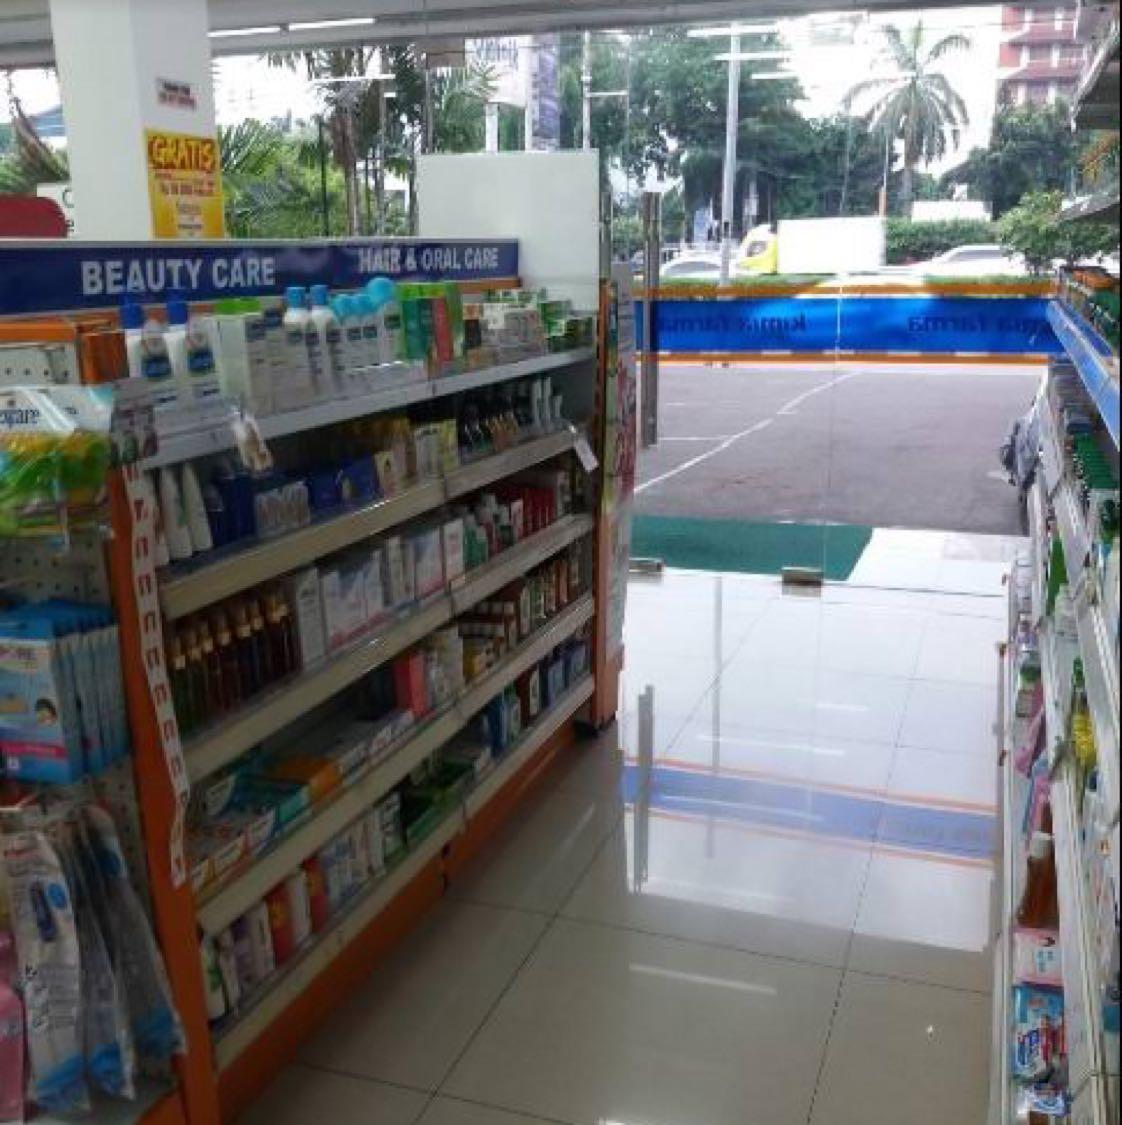 Bisnis yang memang harusnya buka 24 jam adalah apotek. Kimia Farma sangat tanggap akan kebutuhan masyarakat yang mendadak perlu obat di tengah malam. Salah satu apoteknya yang buka 24 jam adalah yang di Jl. S Parman, Slipi, Jakarta Barat.